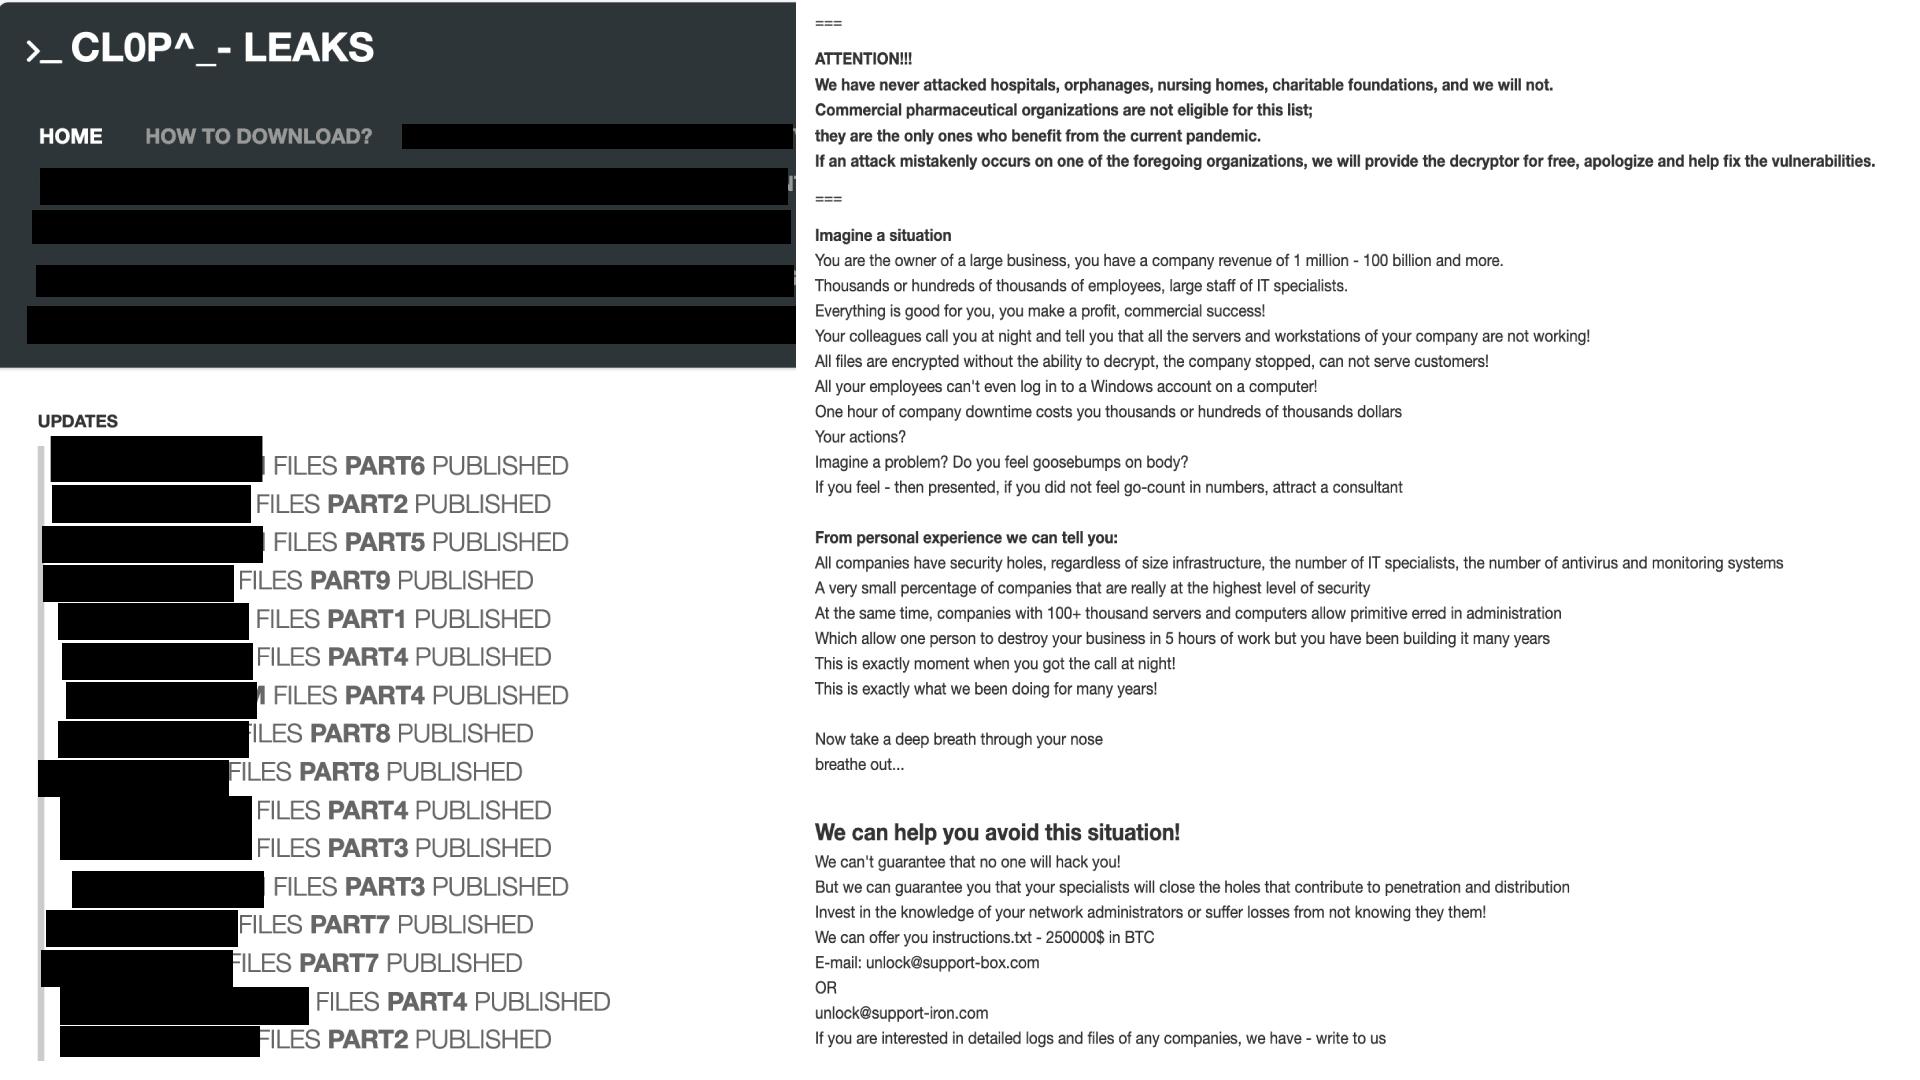 スクリーンショット左側は、Clopのリークサイトの外観を示す。右側は被害者に「有料で」セキュリティ体制を改善し、セキュリティホールを塞ぐ方法を学ぶように促すメッセージの例を示している。